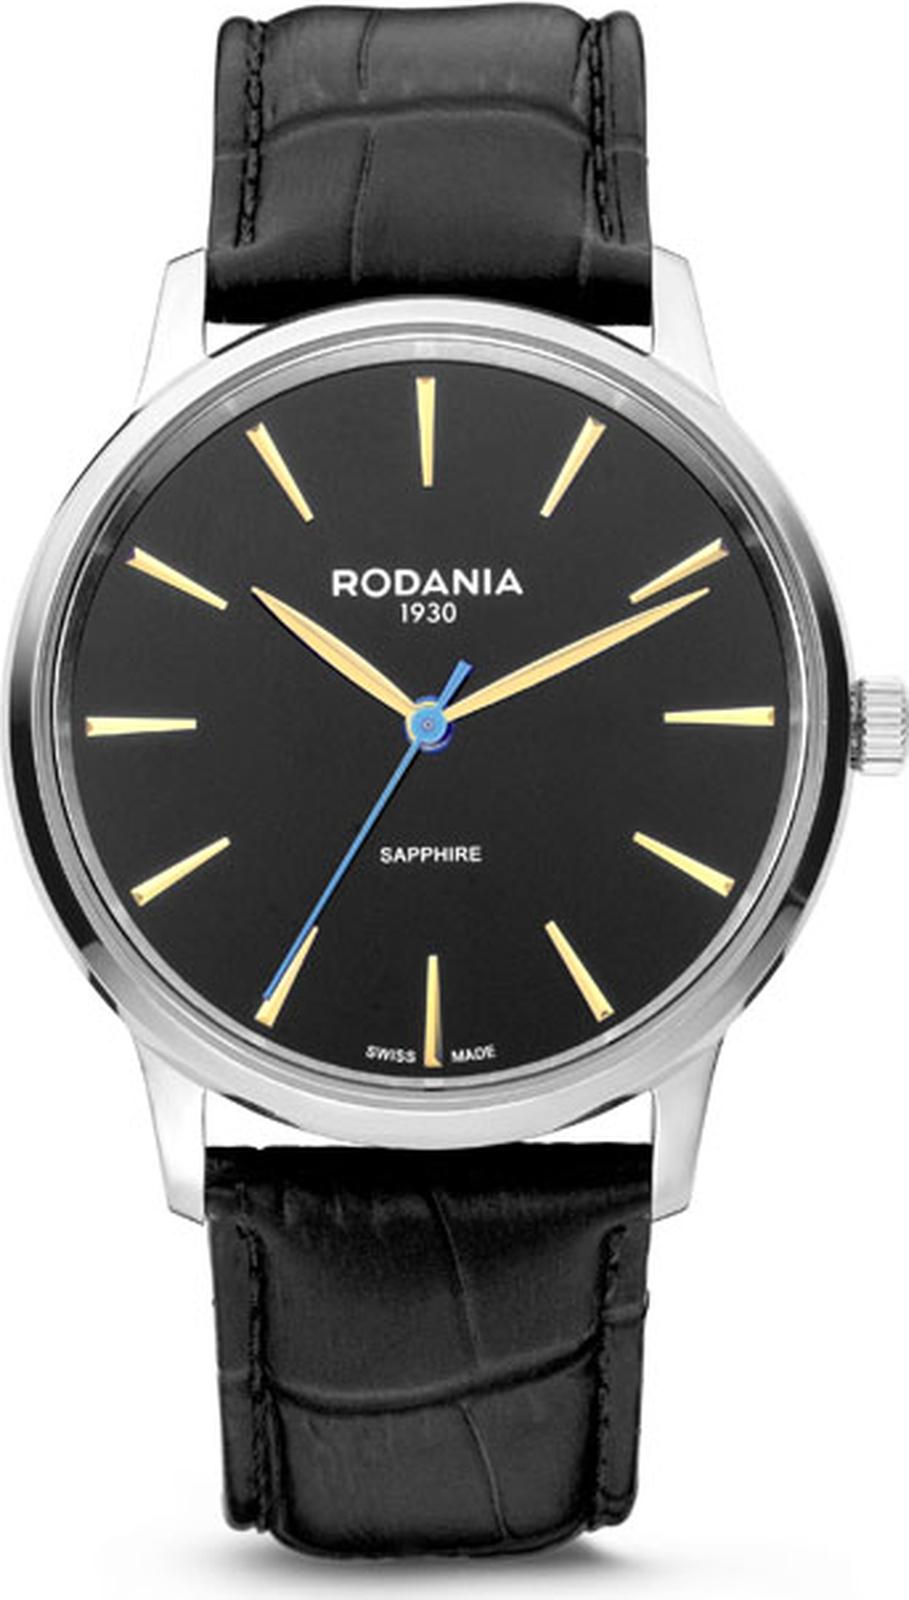 цена Наручные часы Rodania мужские черный онлайн в 2017 году